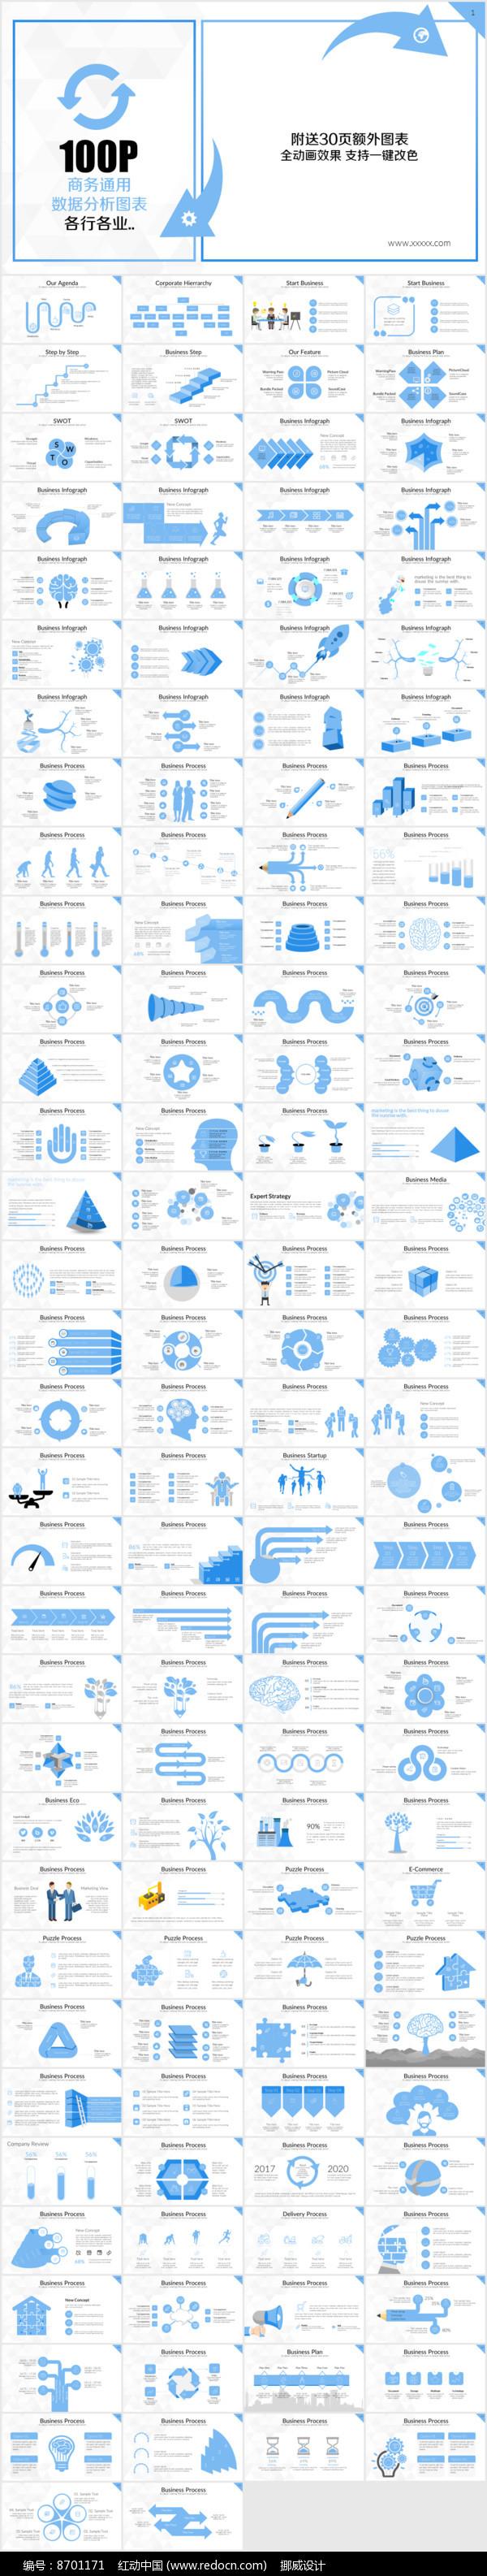 商务数据信息图表大全PPT图片